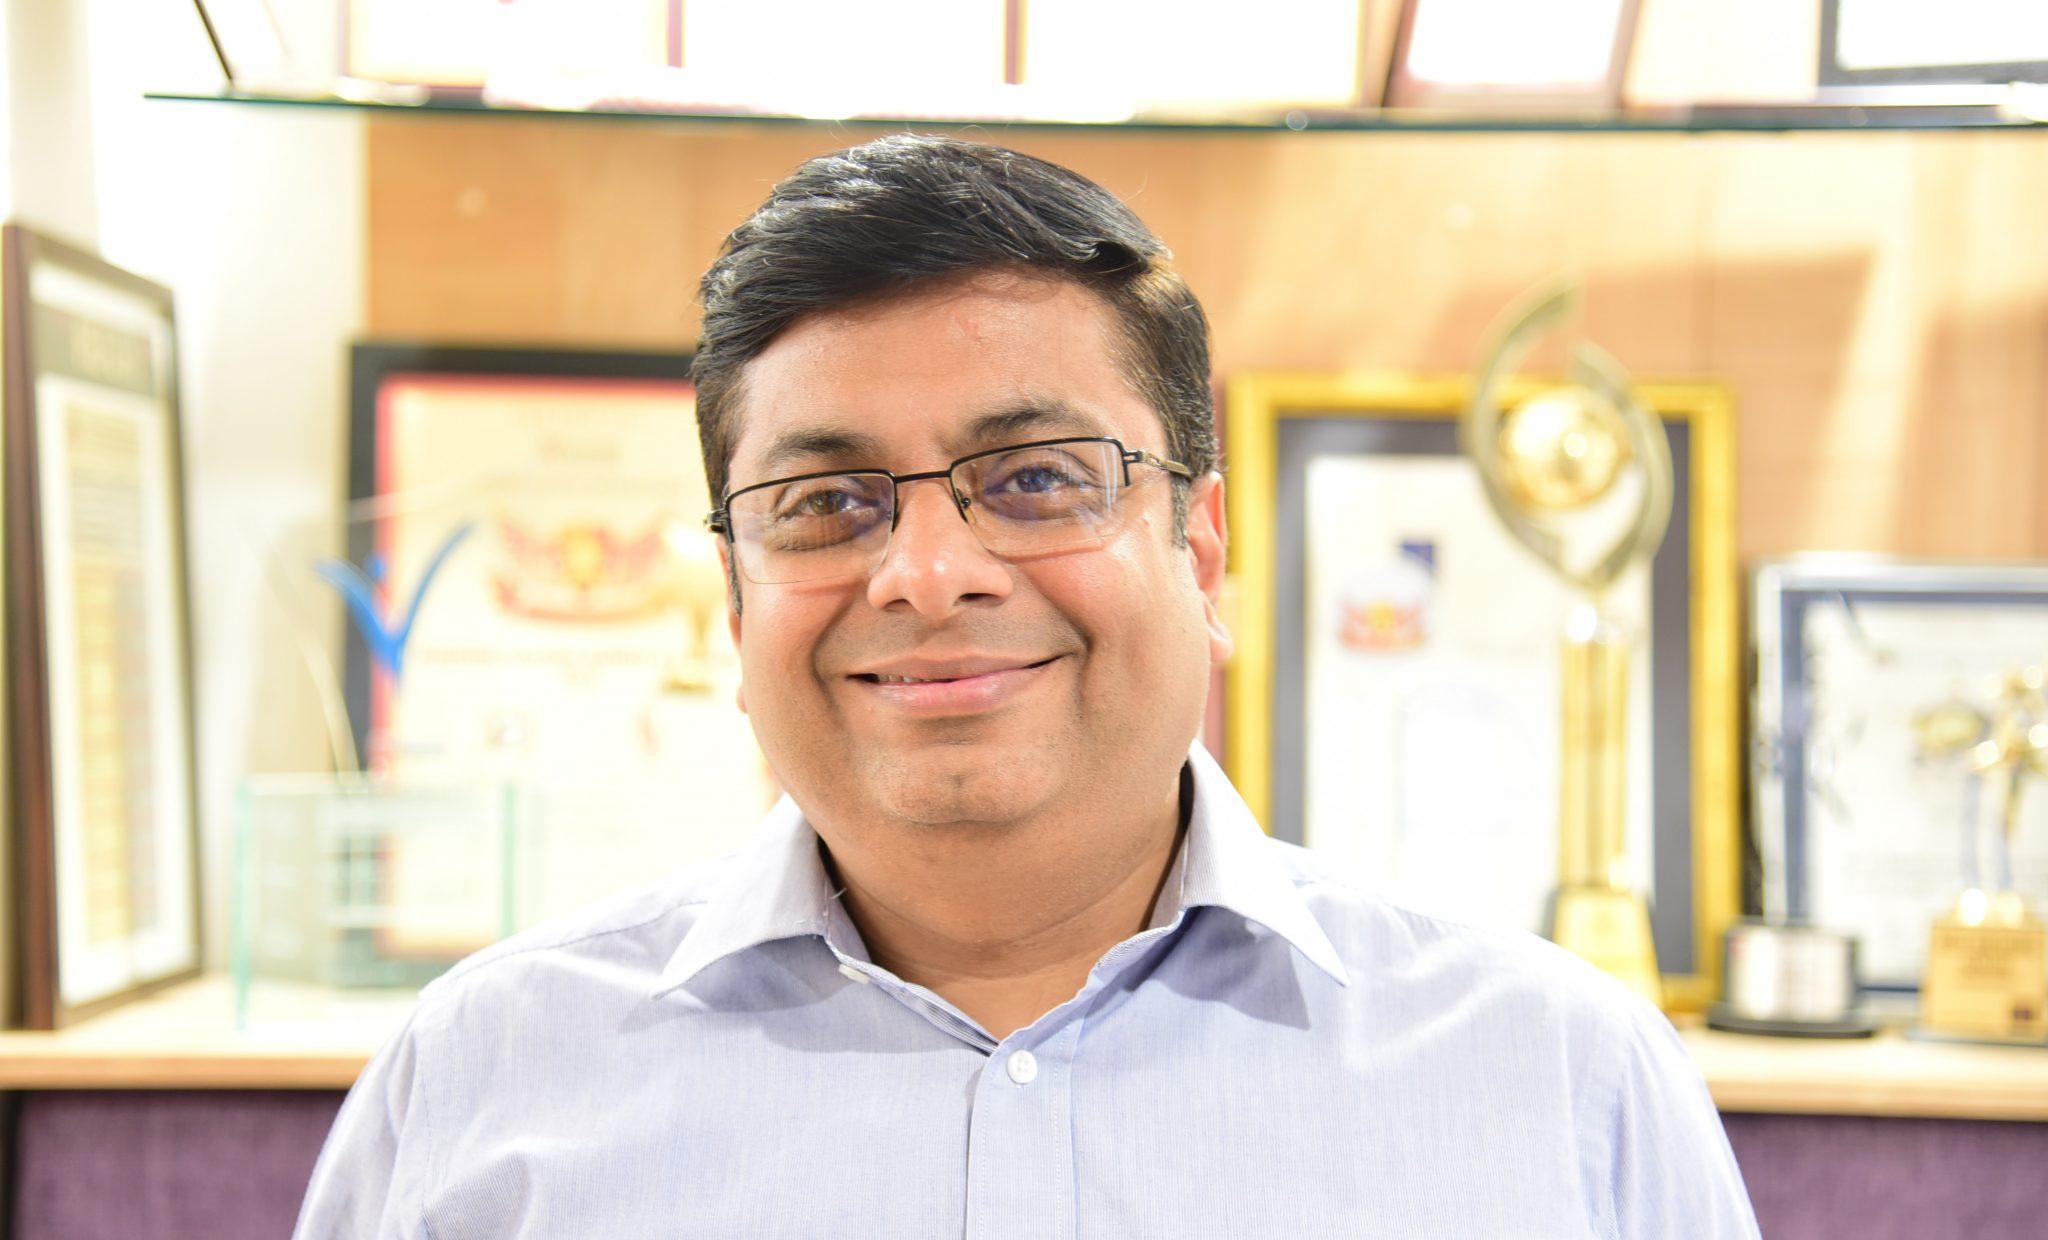 Raviganesh Venkatraman